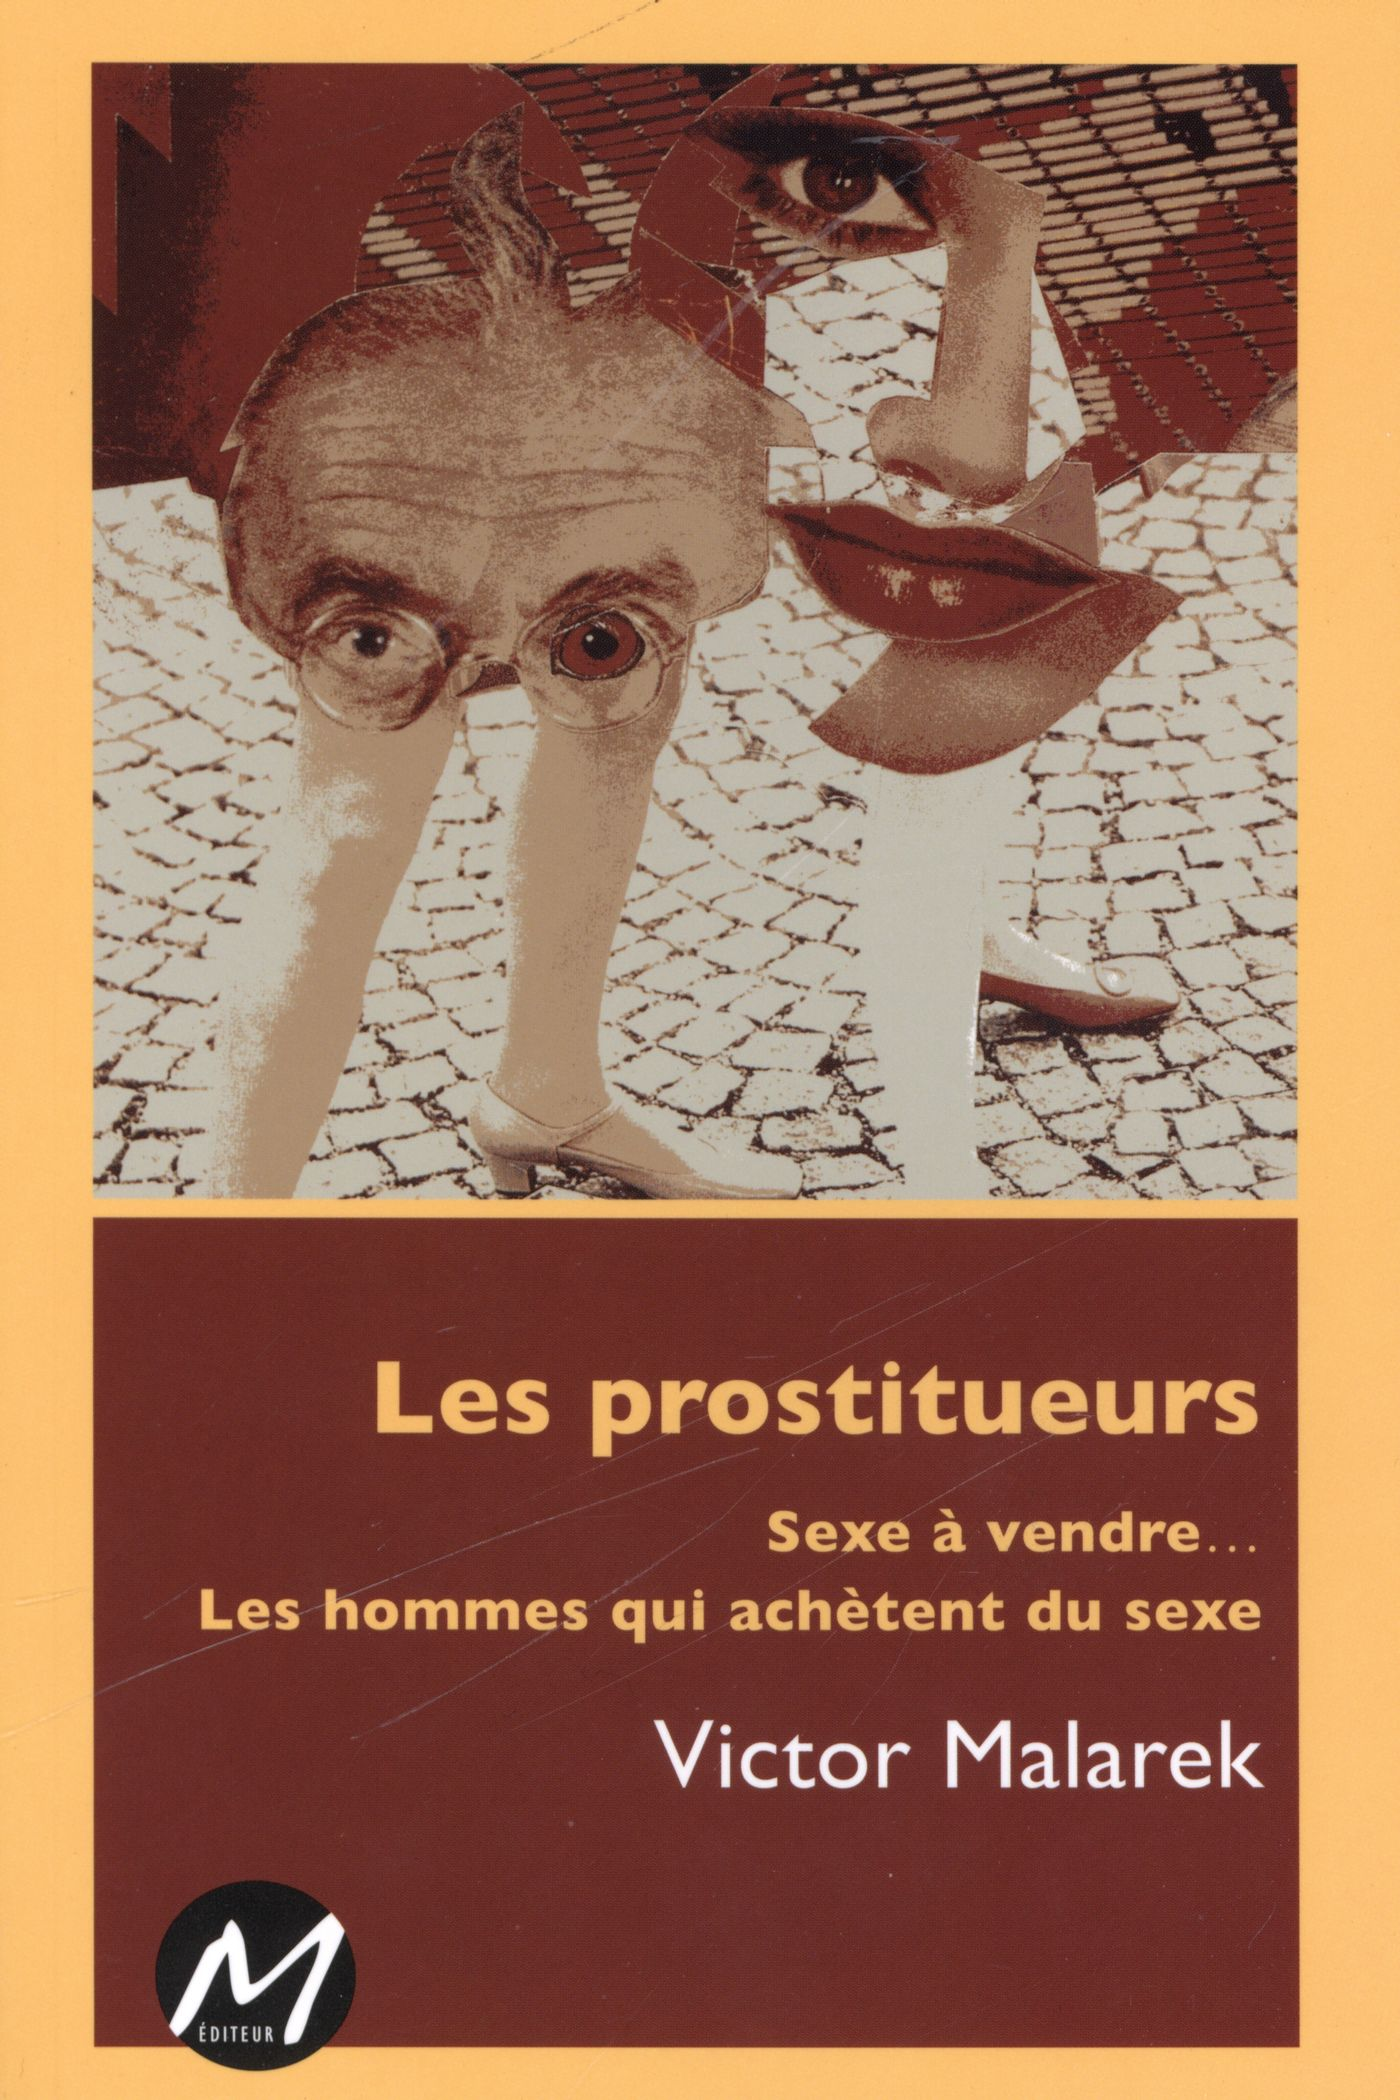 Les prostitueurs